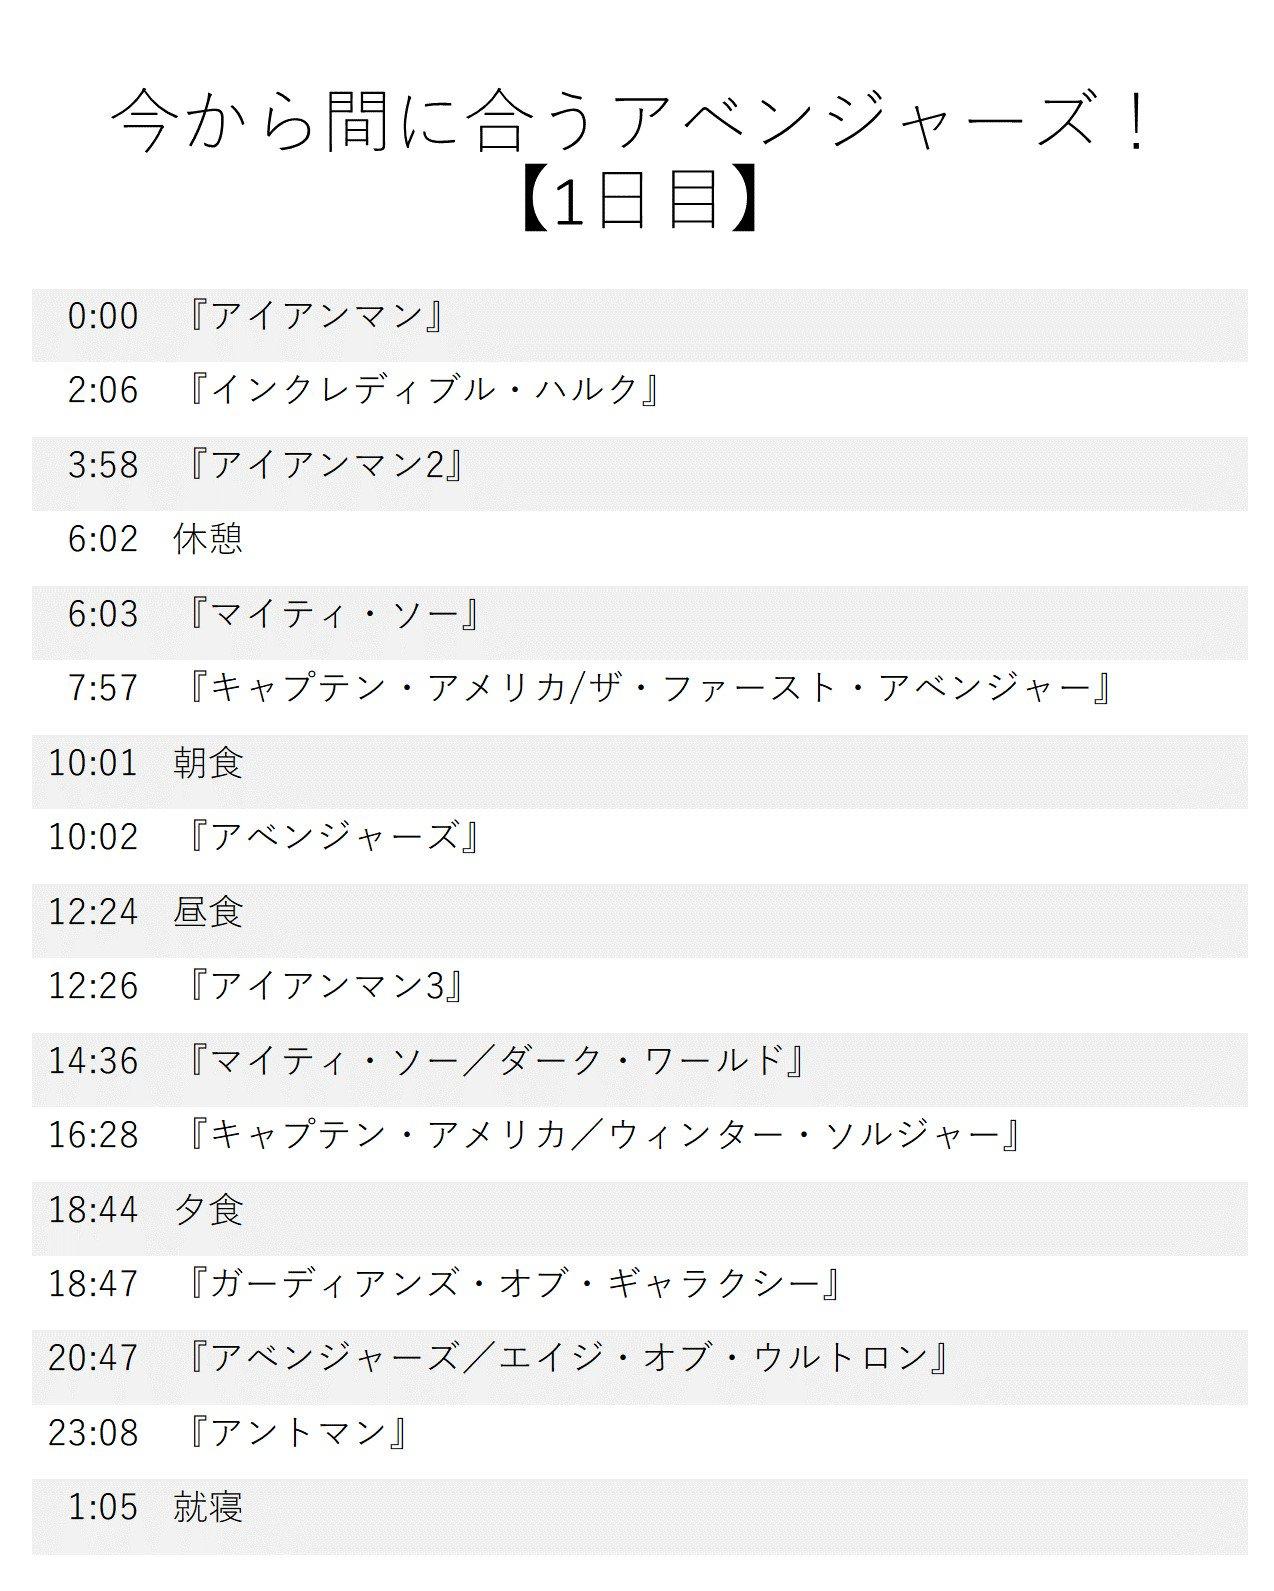 過去作を見たことない人がたった二日間で『アベンジャーズ/エンドゲーム』を見るためのスケジュール!!!